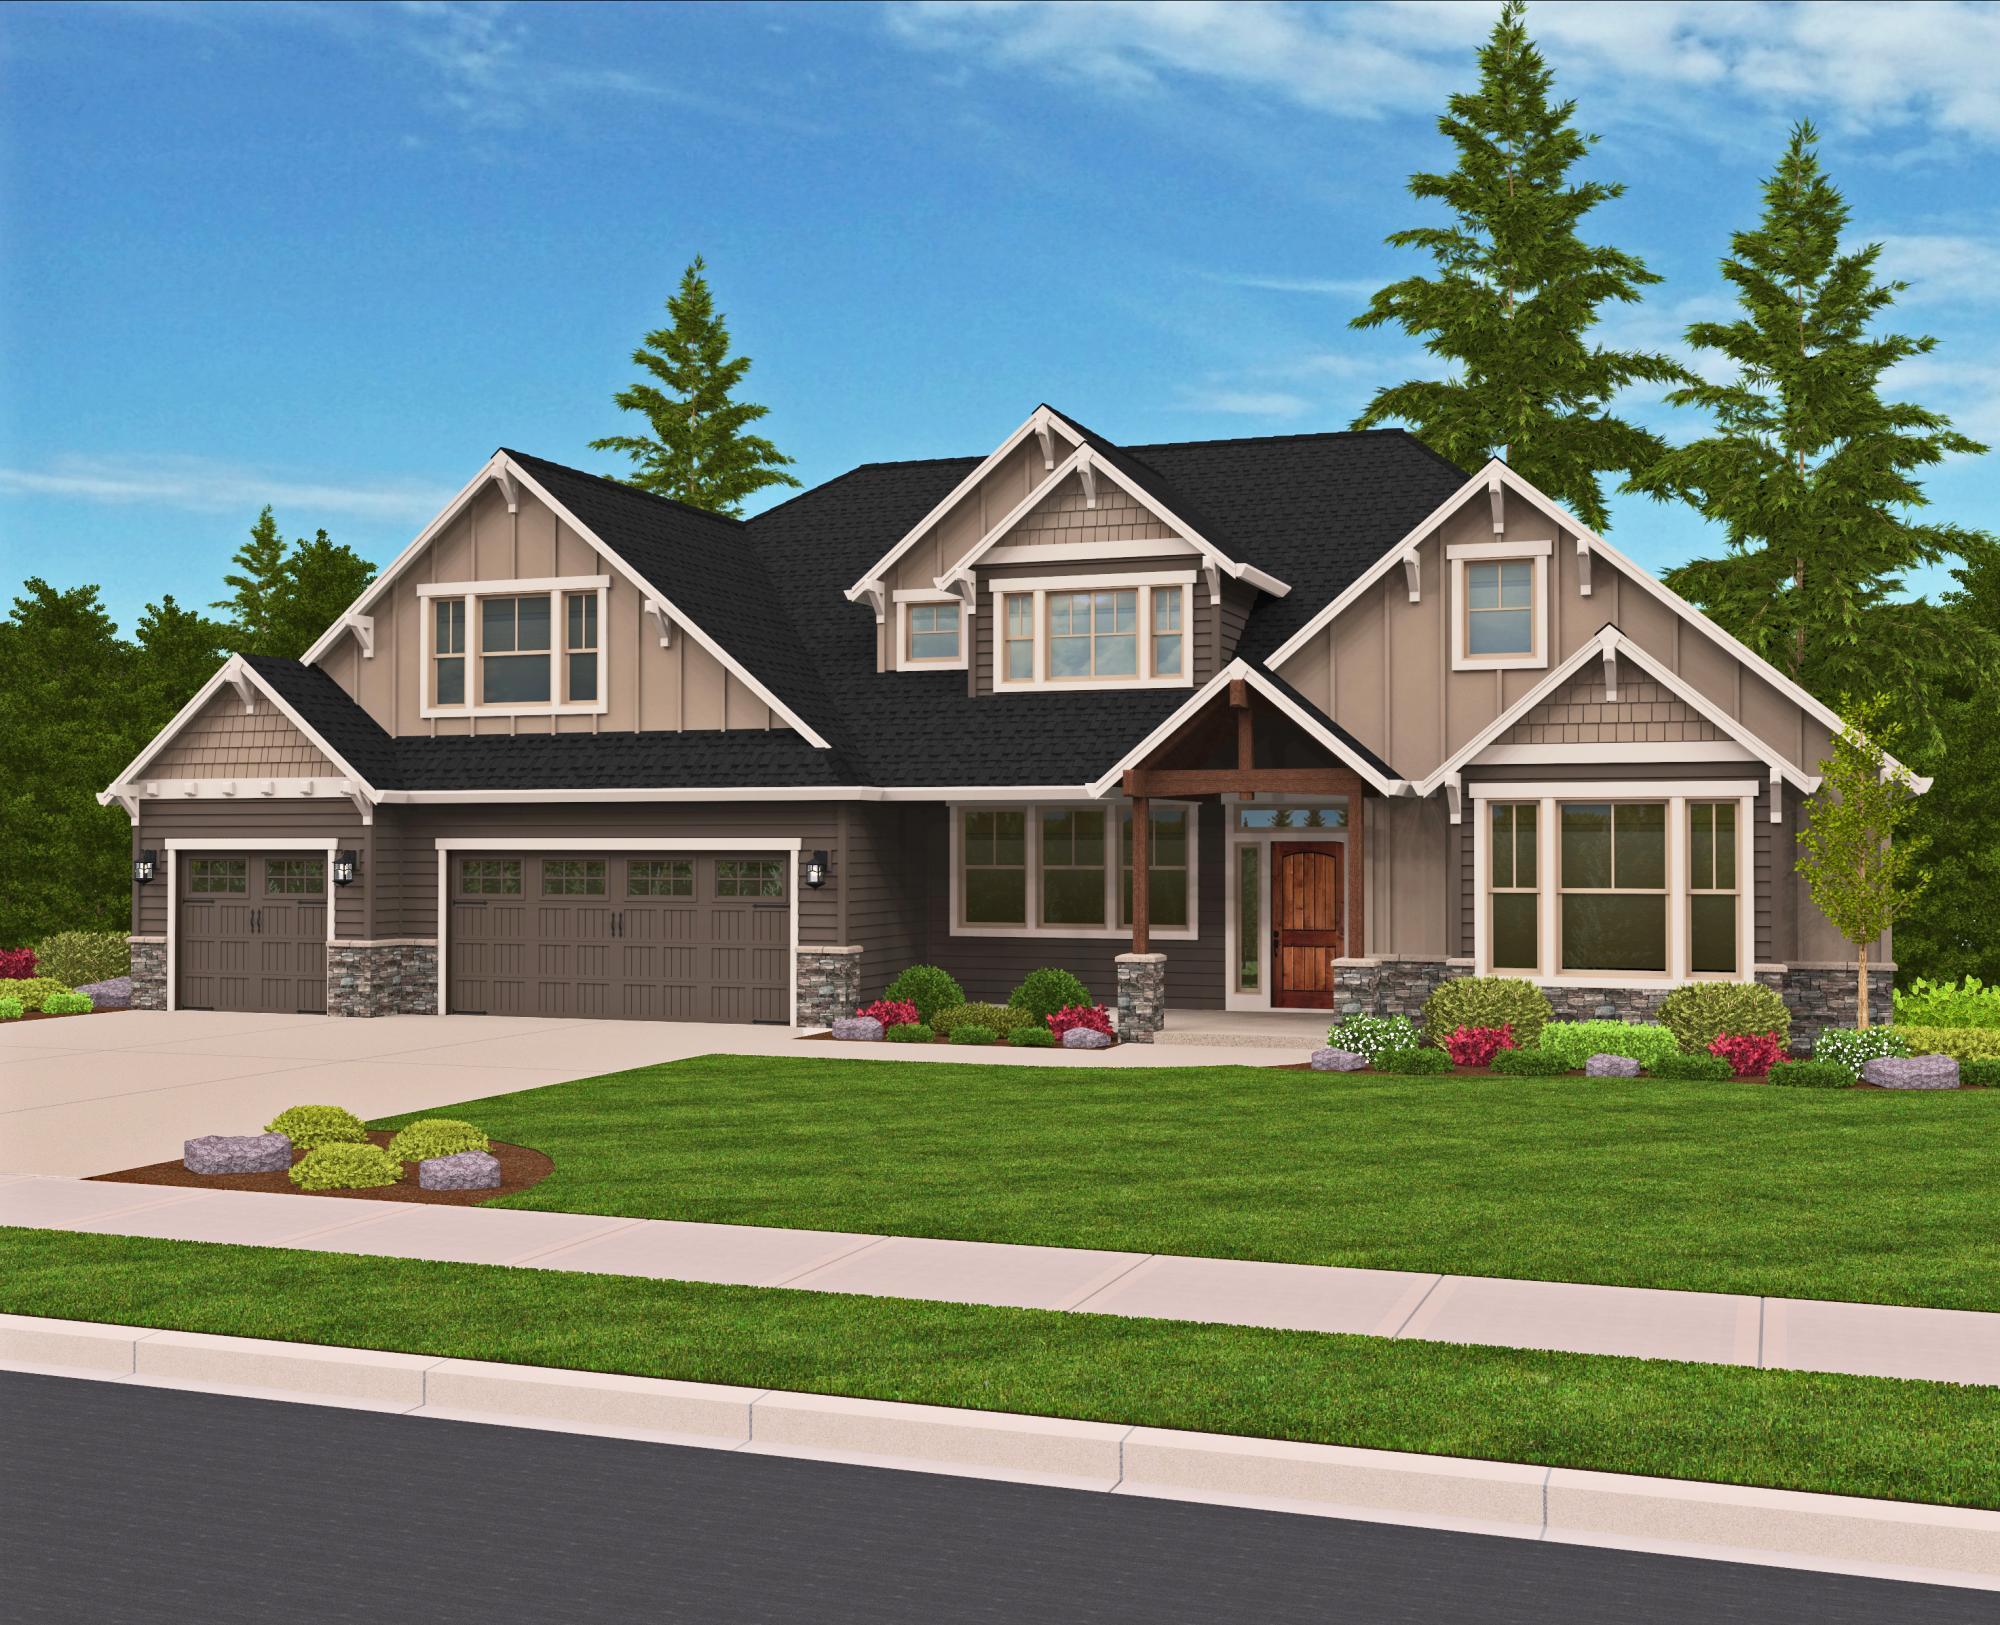 25704 209th Loop SE, Covington, WA Homes & Land - Real Estate